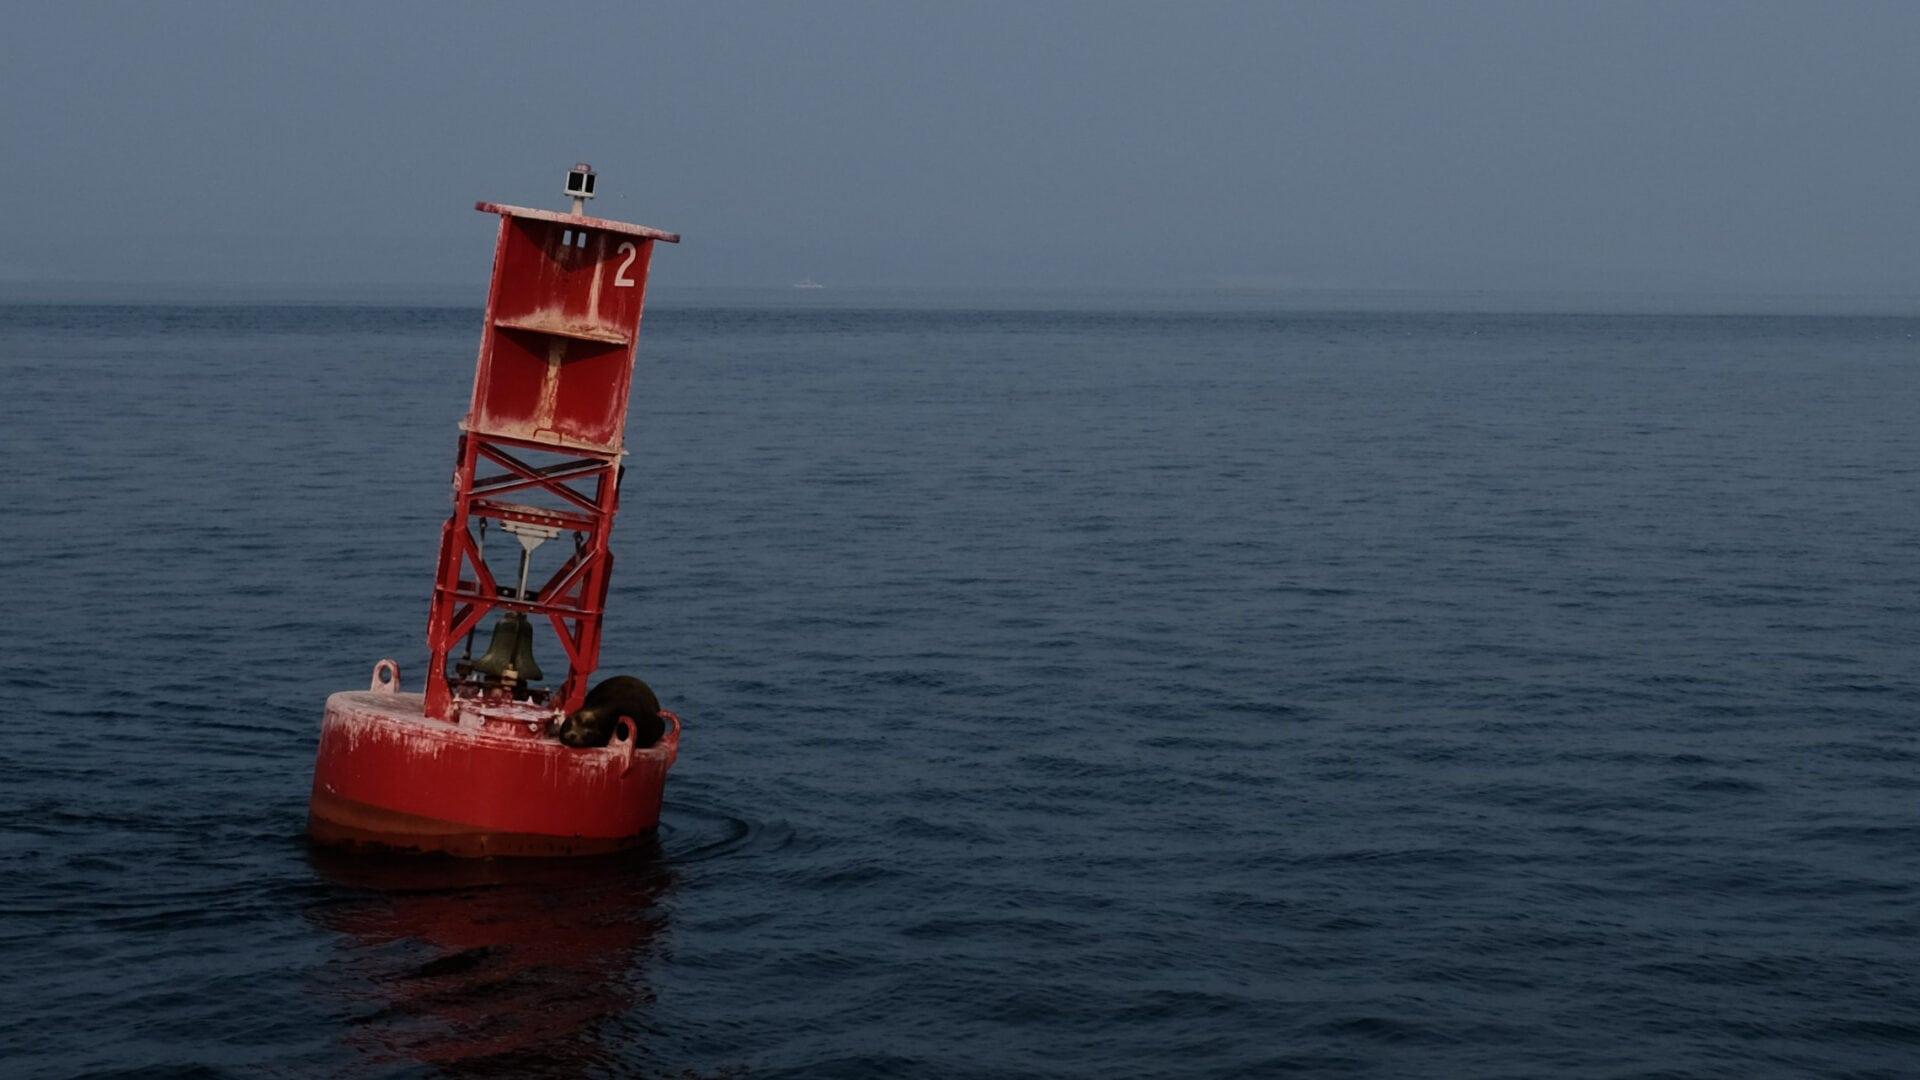 Datenschutz und Privatsphäre sind sogar für Seelöwen wichtig, die auf Bojen chillen